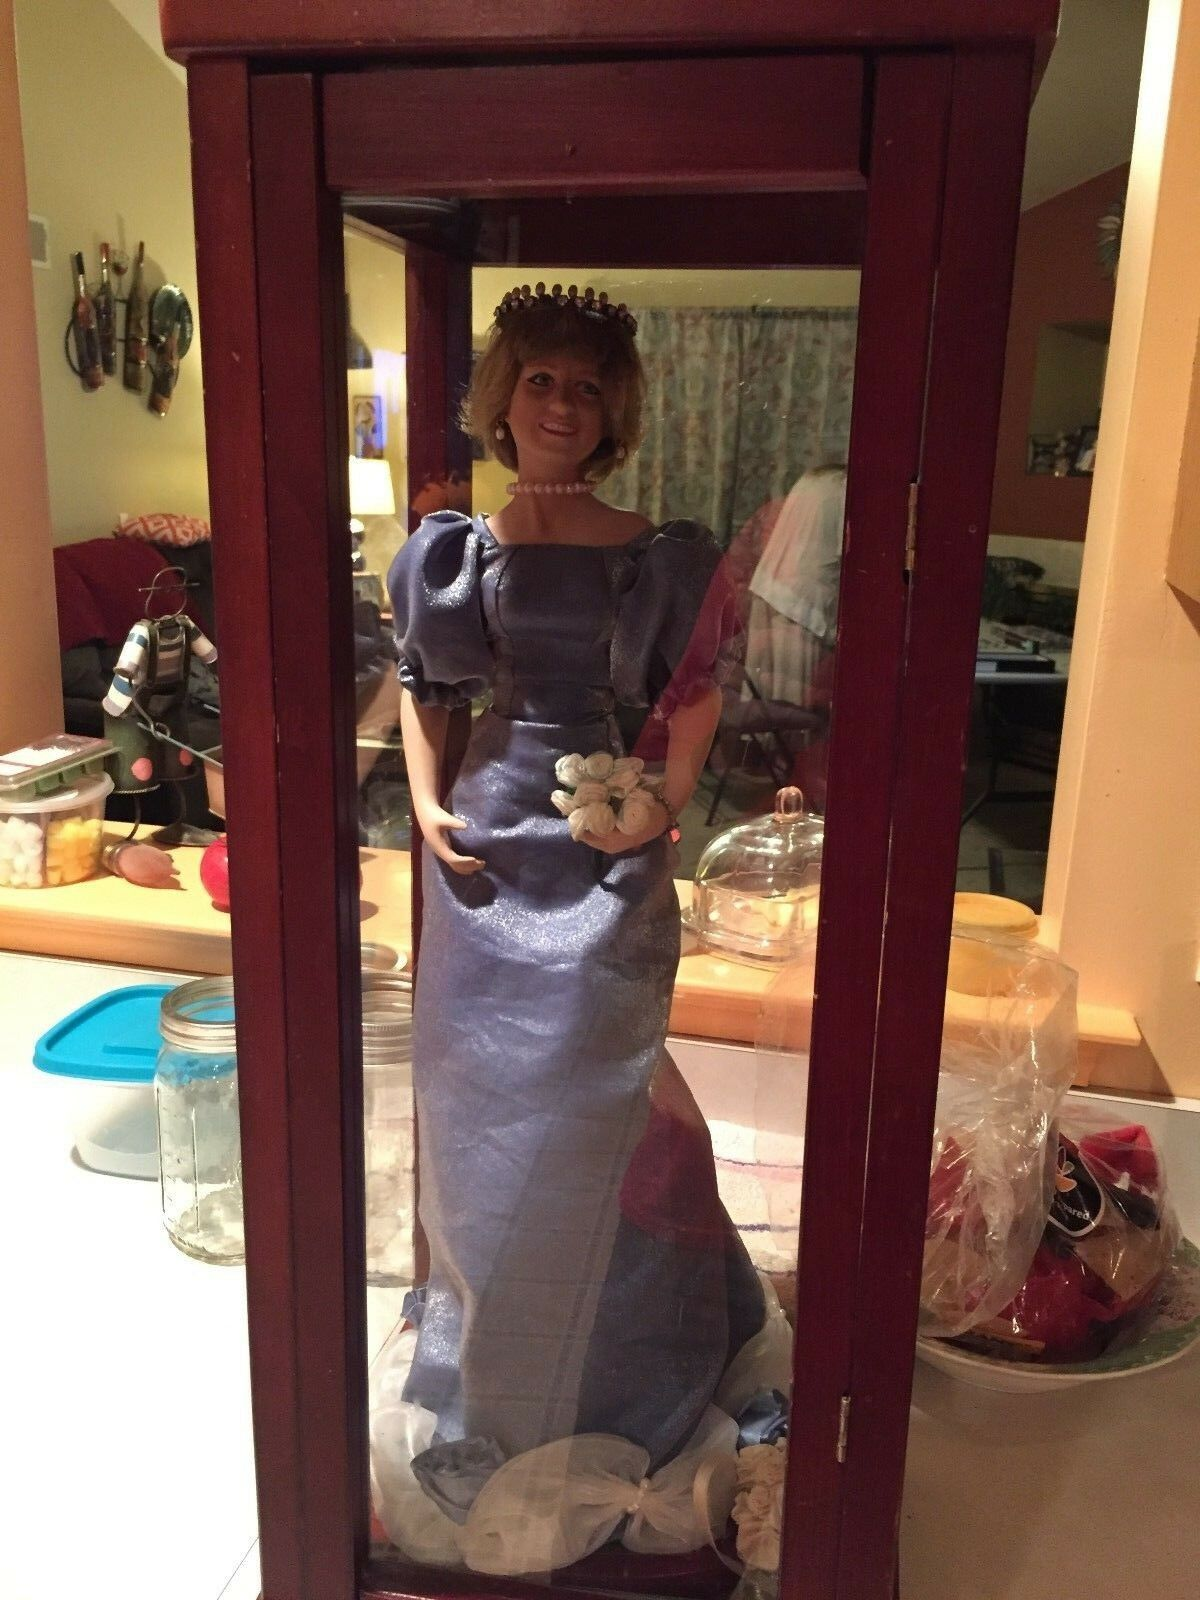 Princesa Diana Porcelana  reina de corazones muñeca  en caso de exhibición